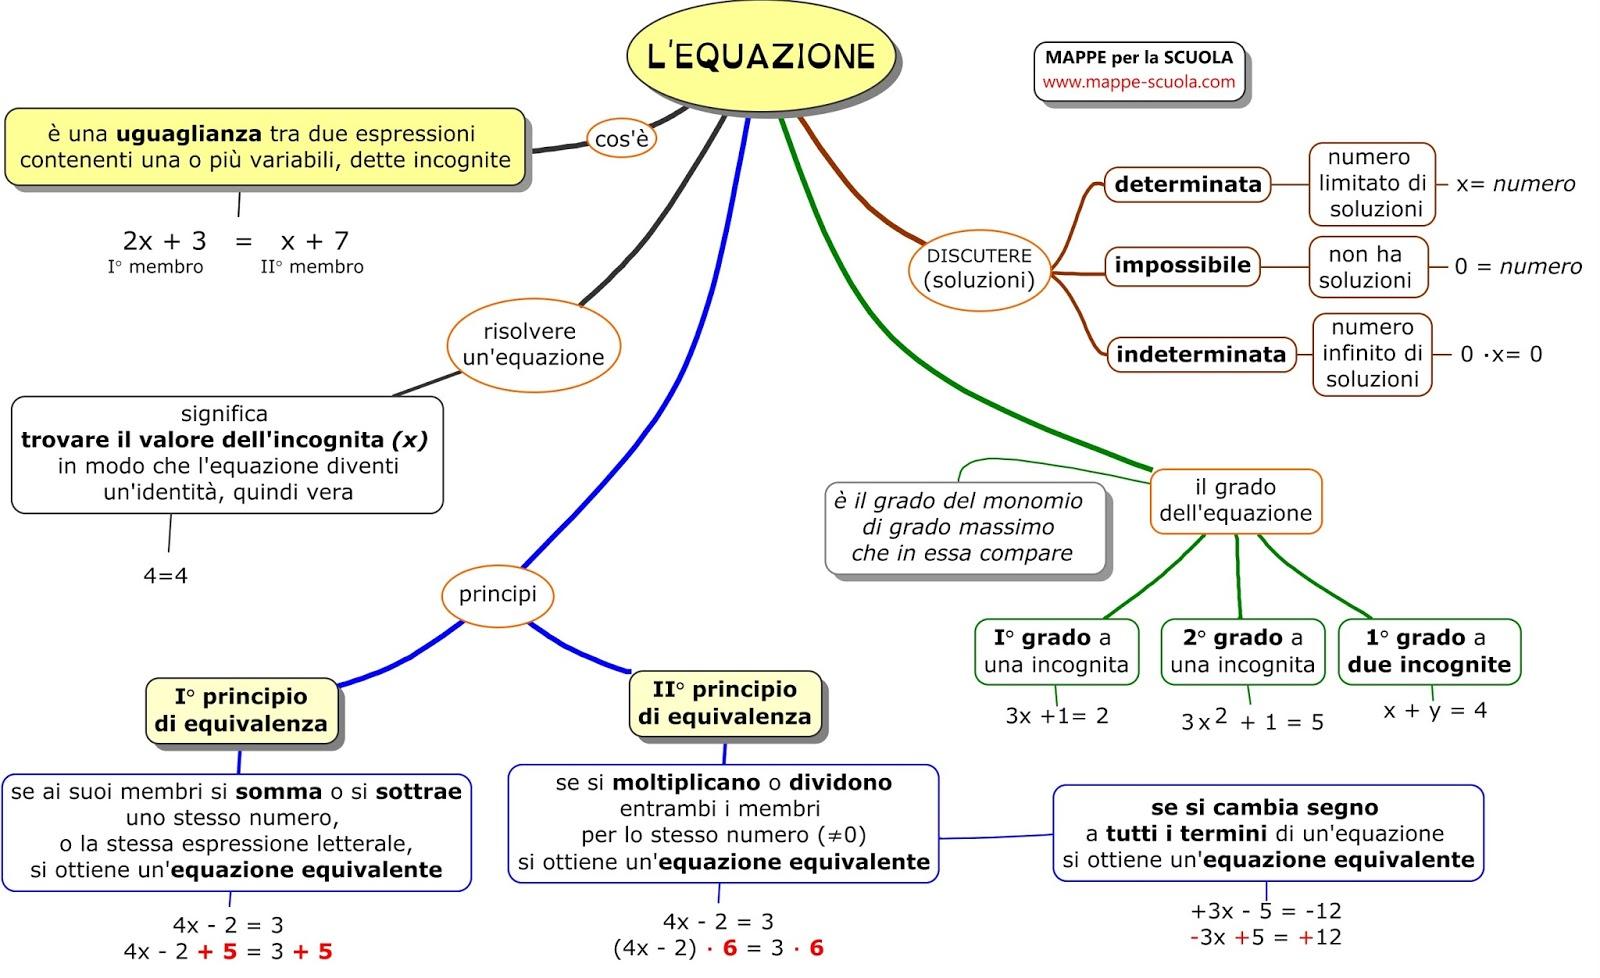 Mappe per la scuola l 39 equazione - Tavola di tracciamento secondo grado ...